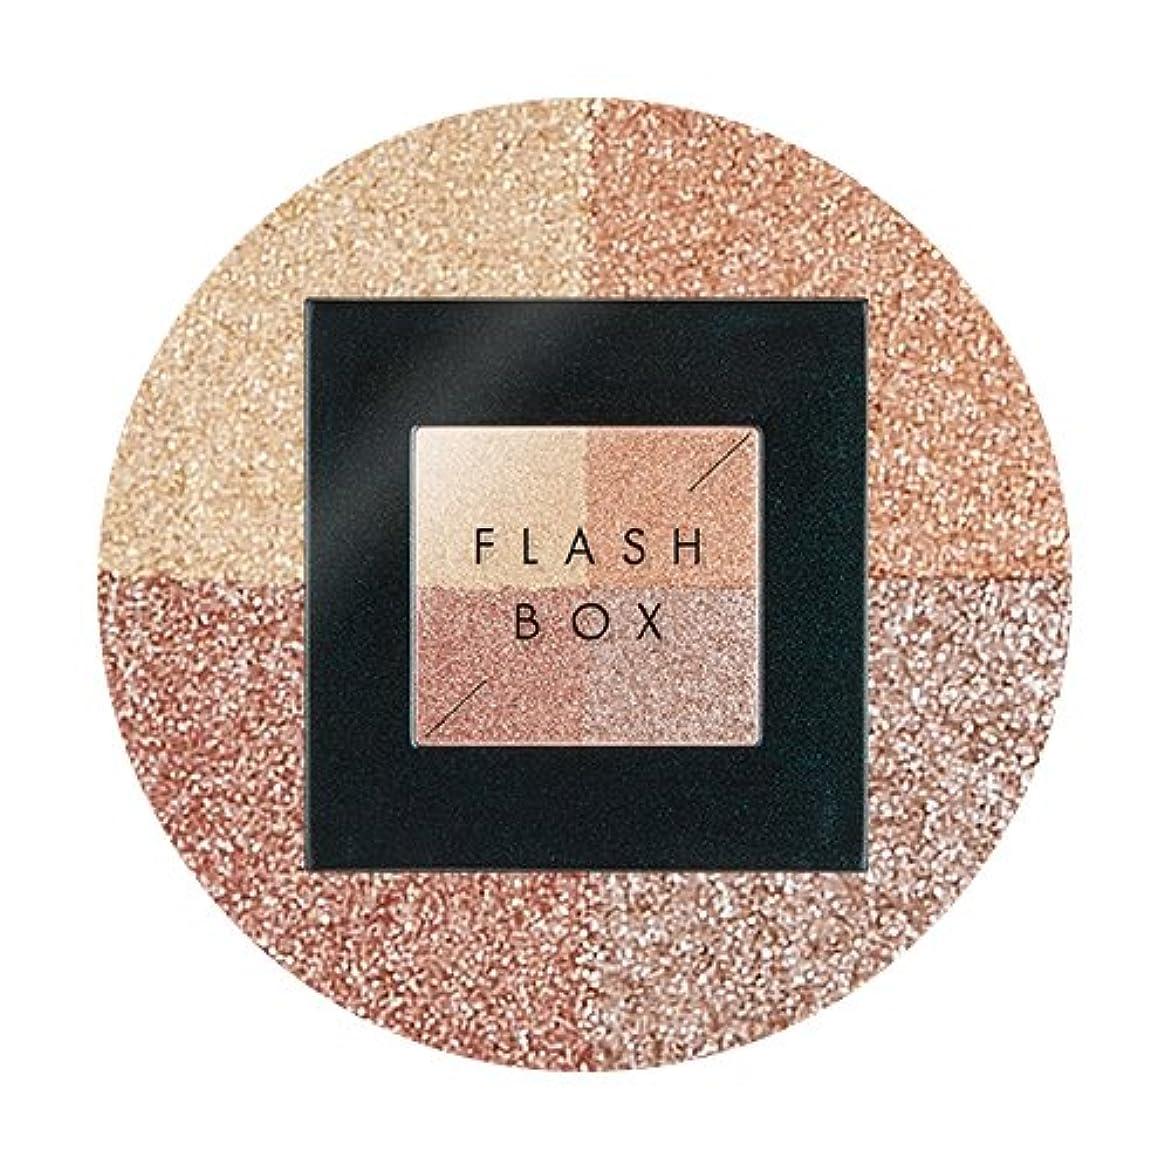 乳剤ジョガー行列APIEU Flash Box (#2 Lustering Time) / [アピュ/オピュ] フラッシュボックス [並行輸入品]